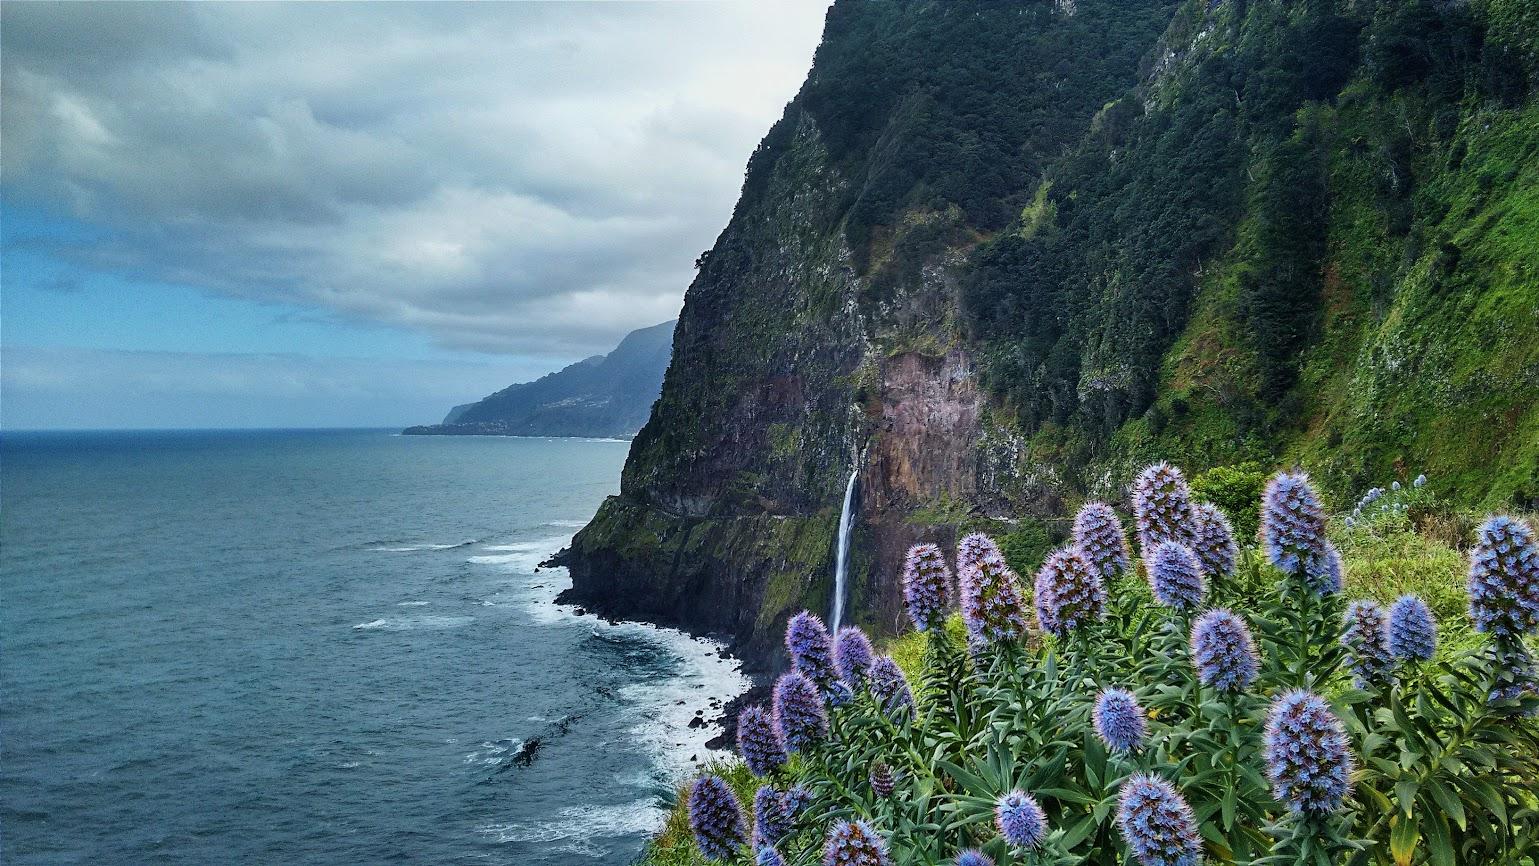 Lennot Madeiralle | Parhaat lentotarjoukset ja lentodiilit Budjettimatka.com